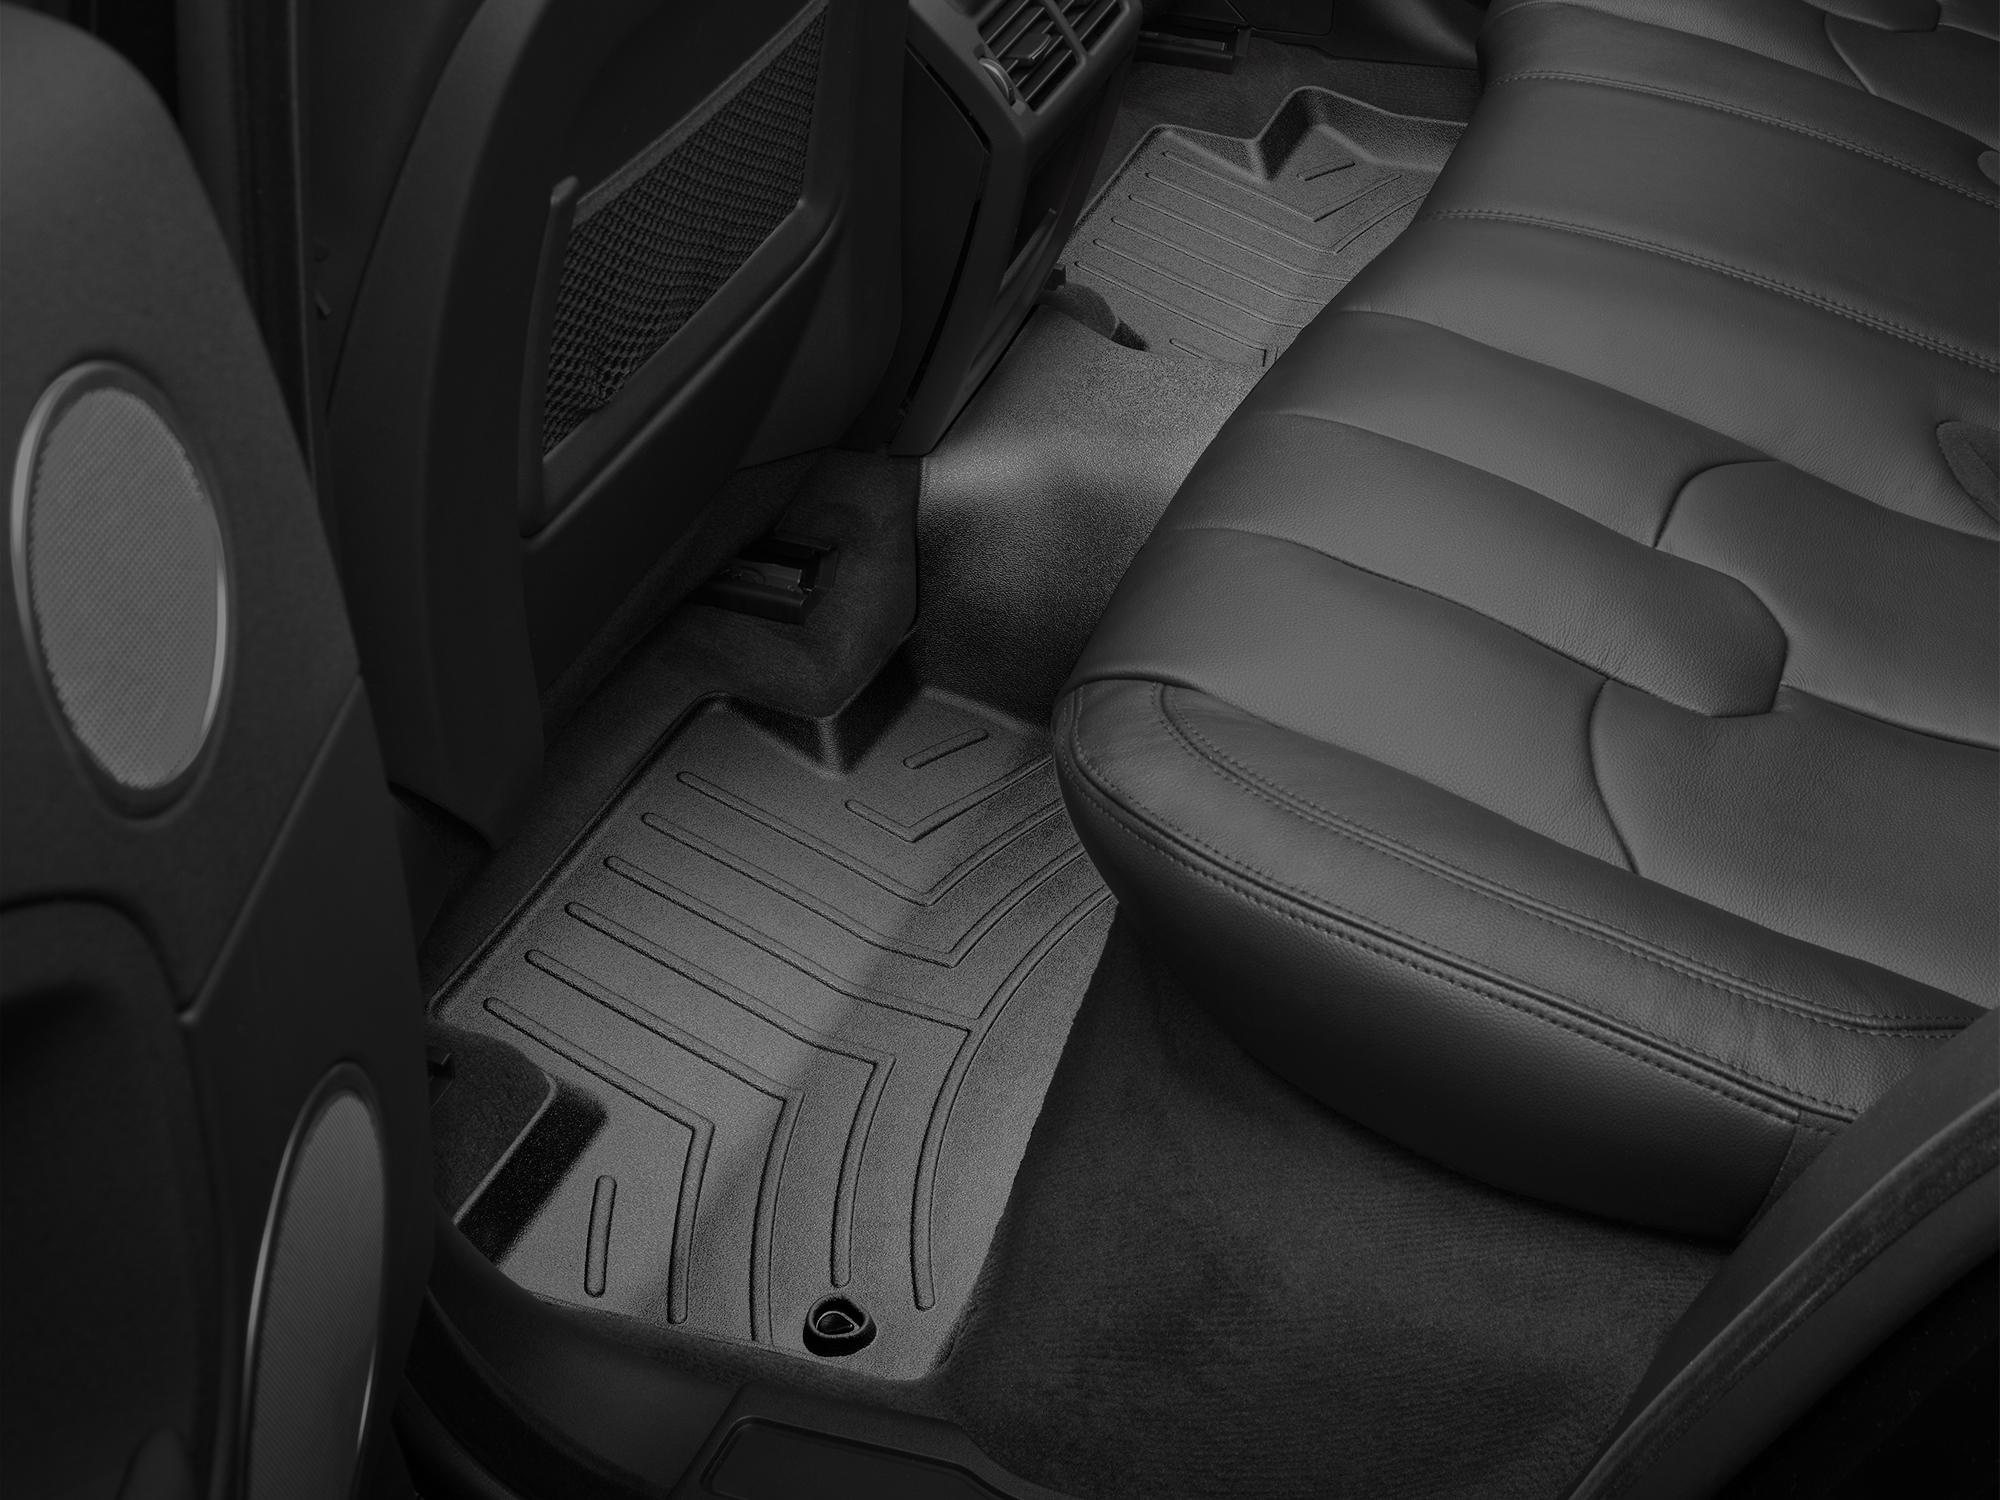 Tappeti gomma su misura bordo alto Land Rover 16>17 Nero A2010*